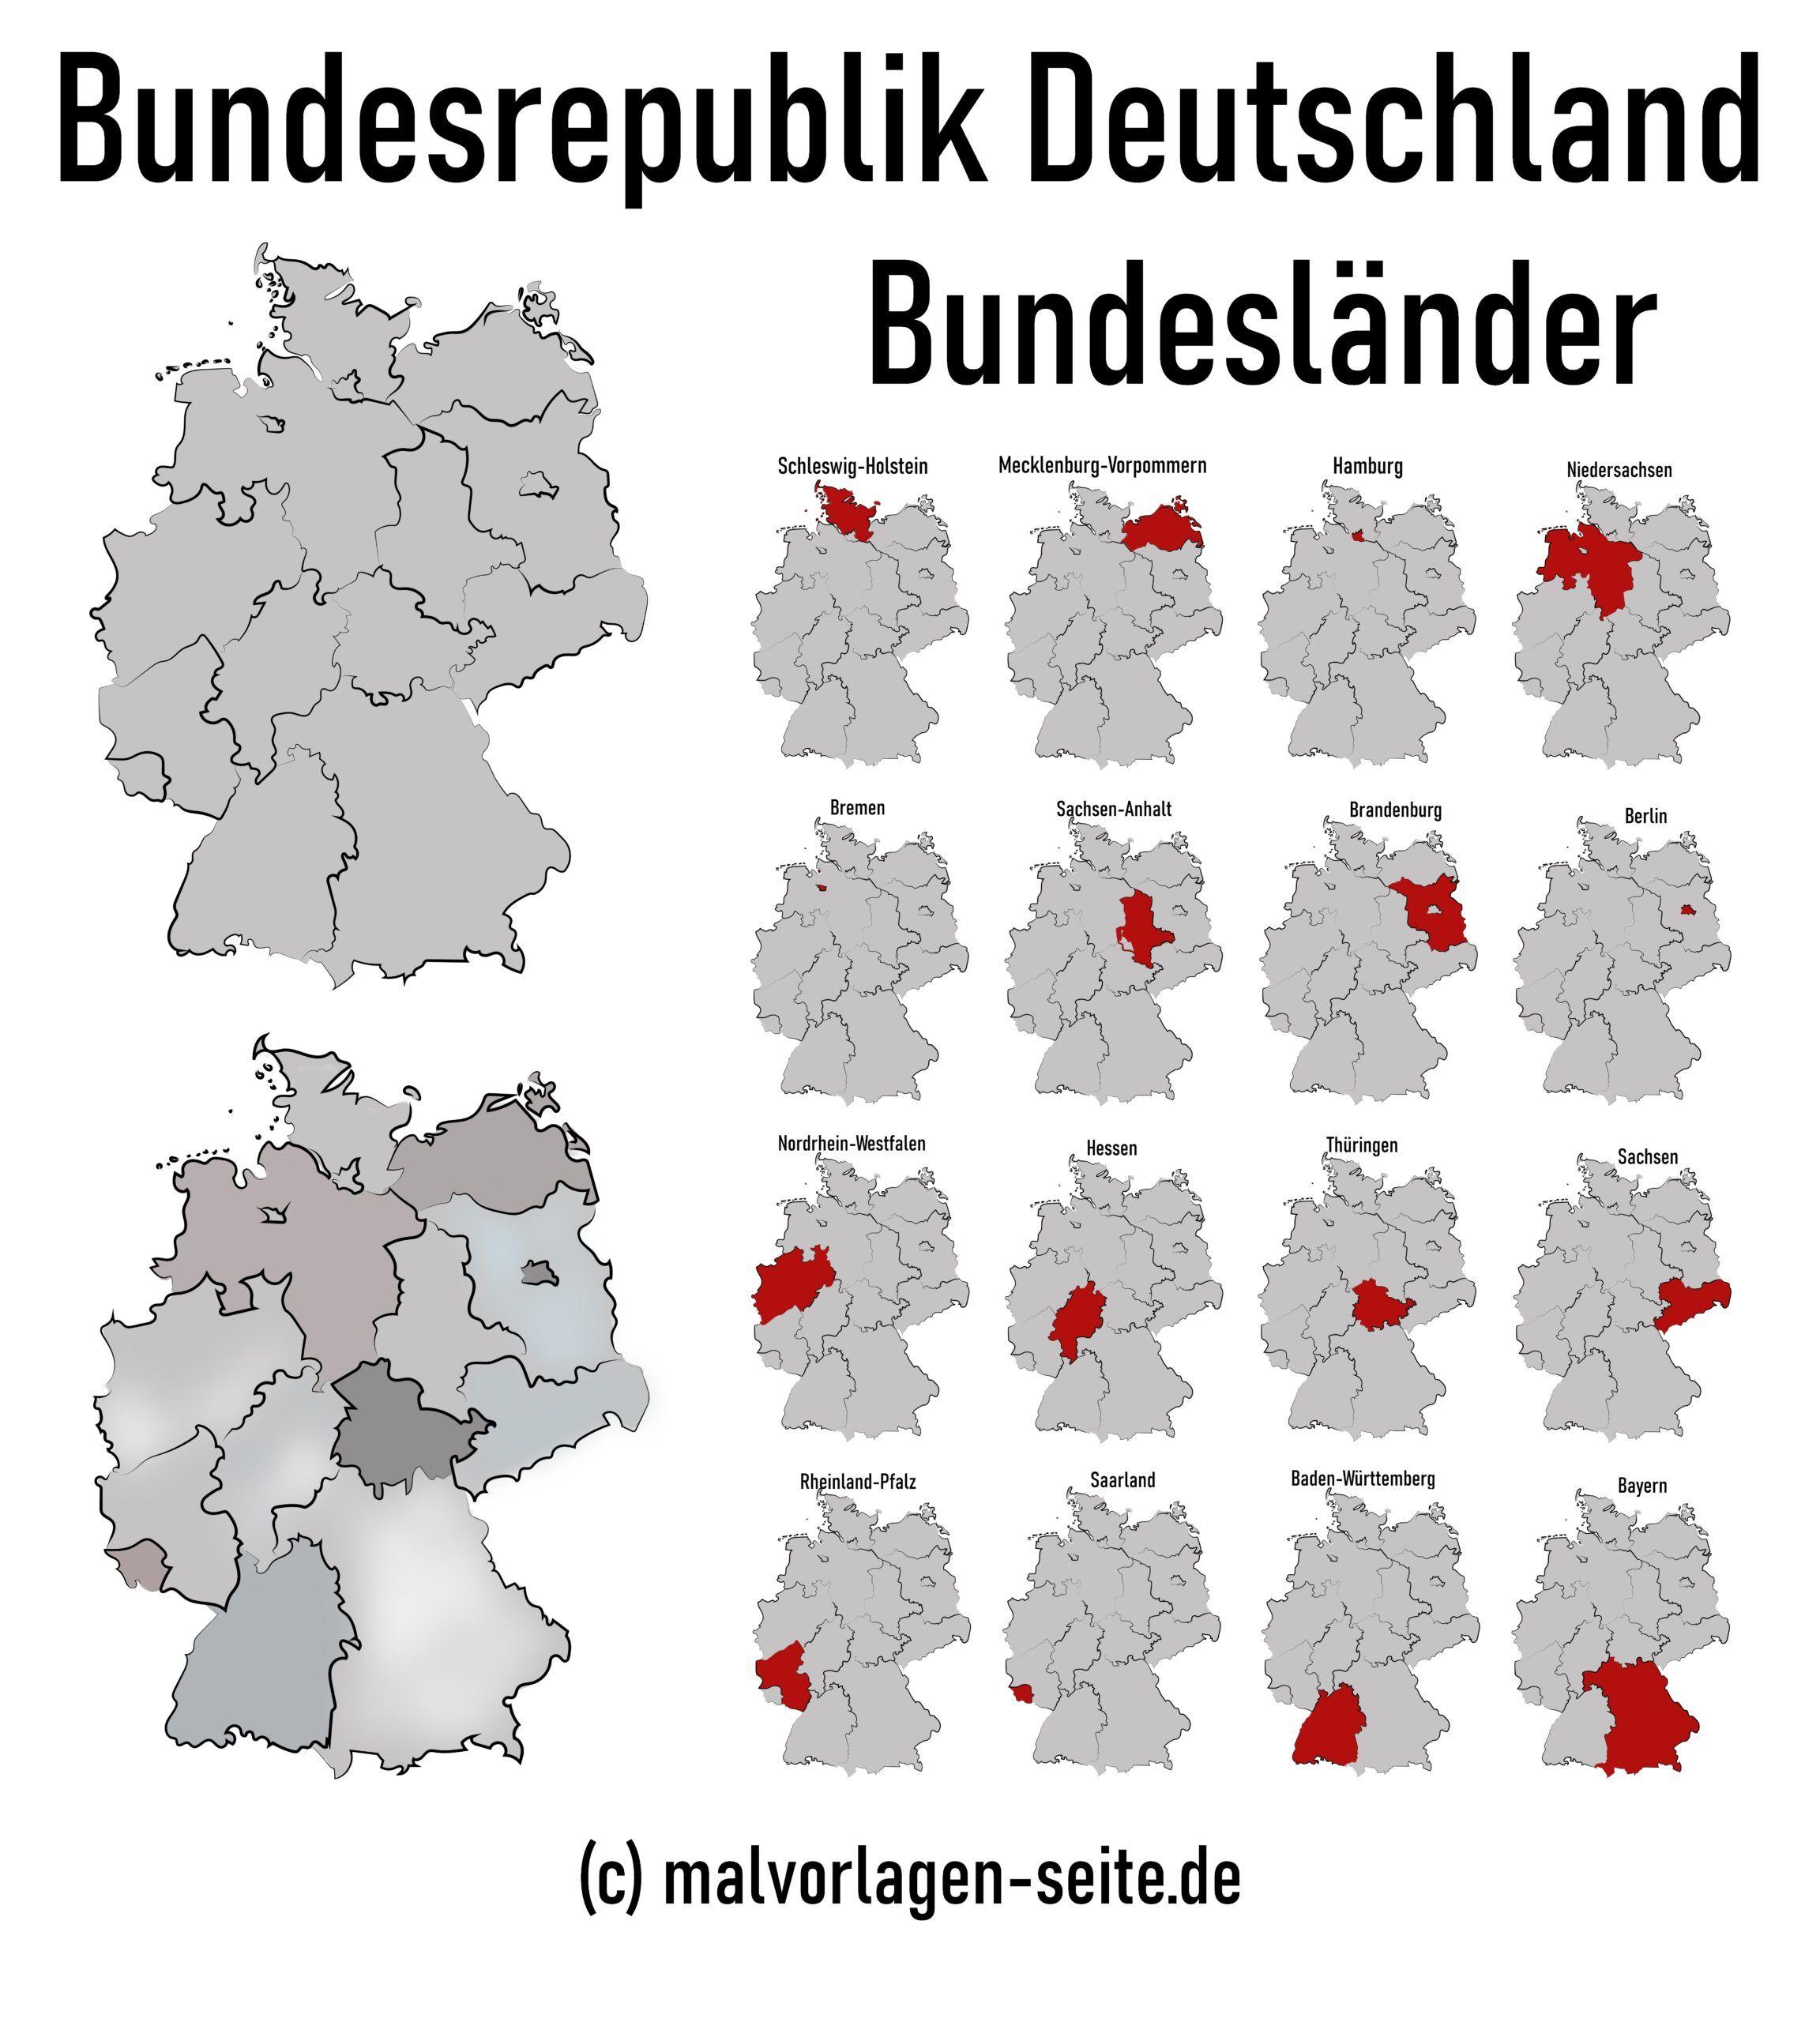 Karte deutschland bundesländer hauptstadt 16 Bundesländer